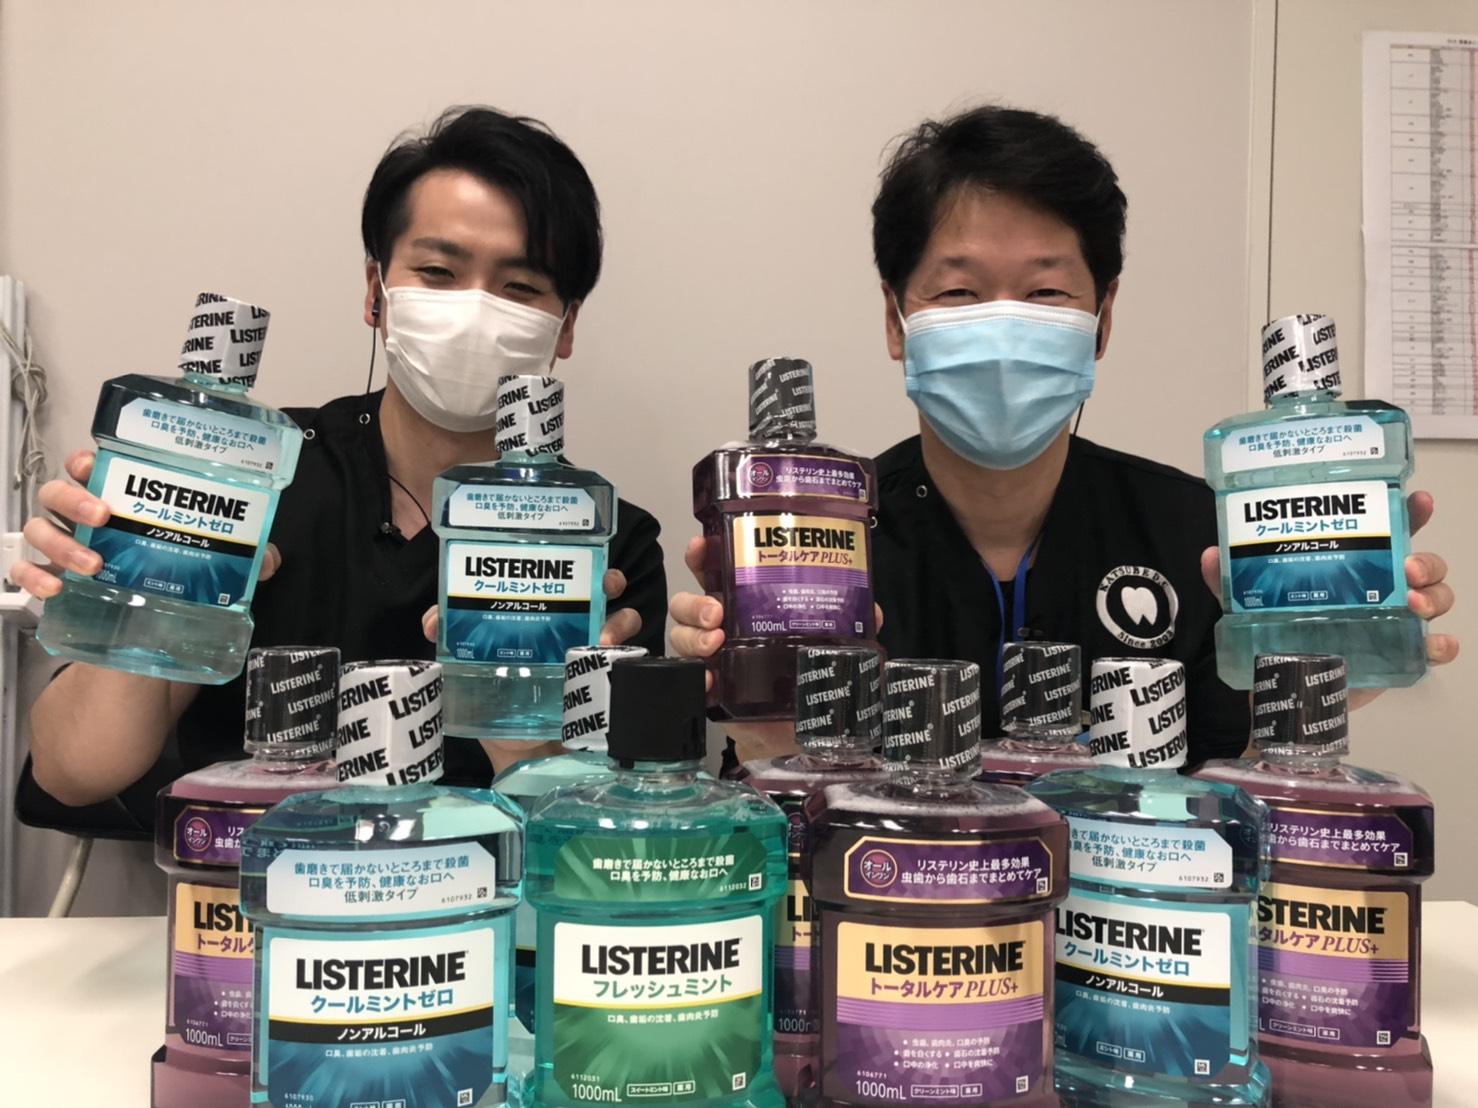 リステリンでお口の中を殺菌・消毒